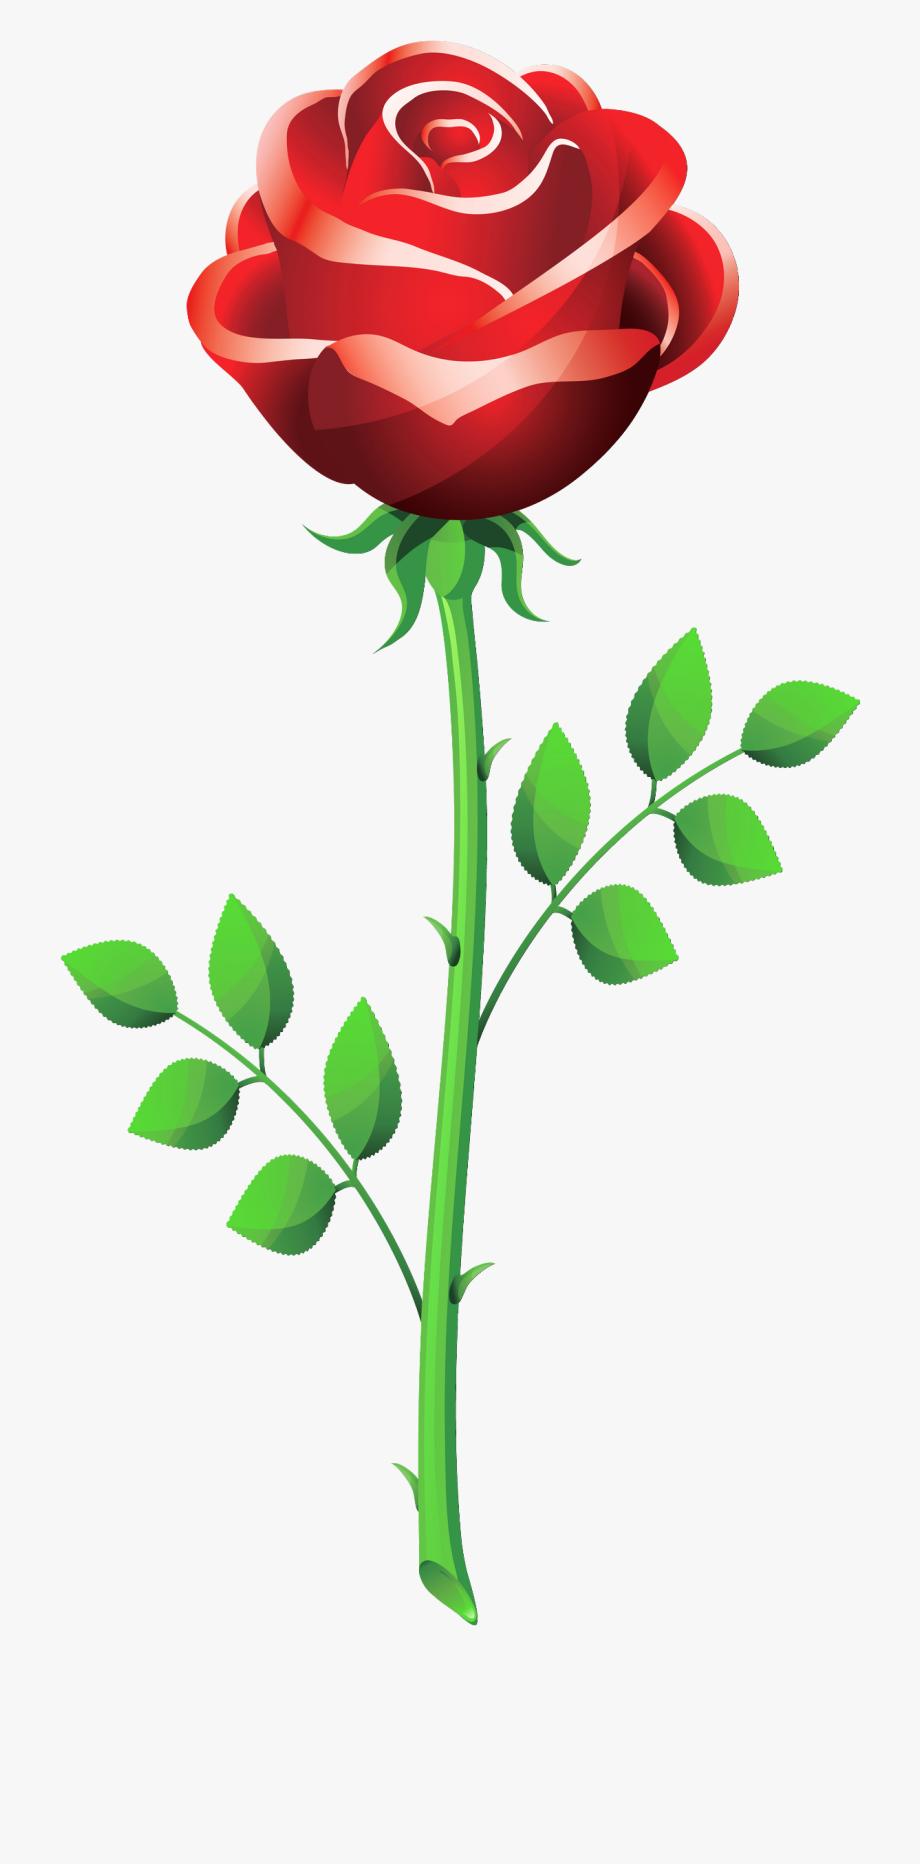 Single pink rose.